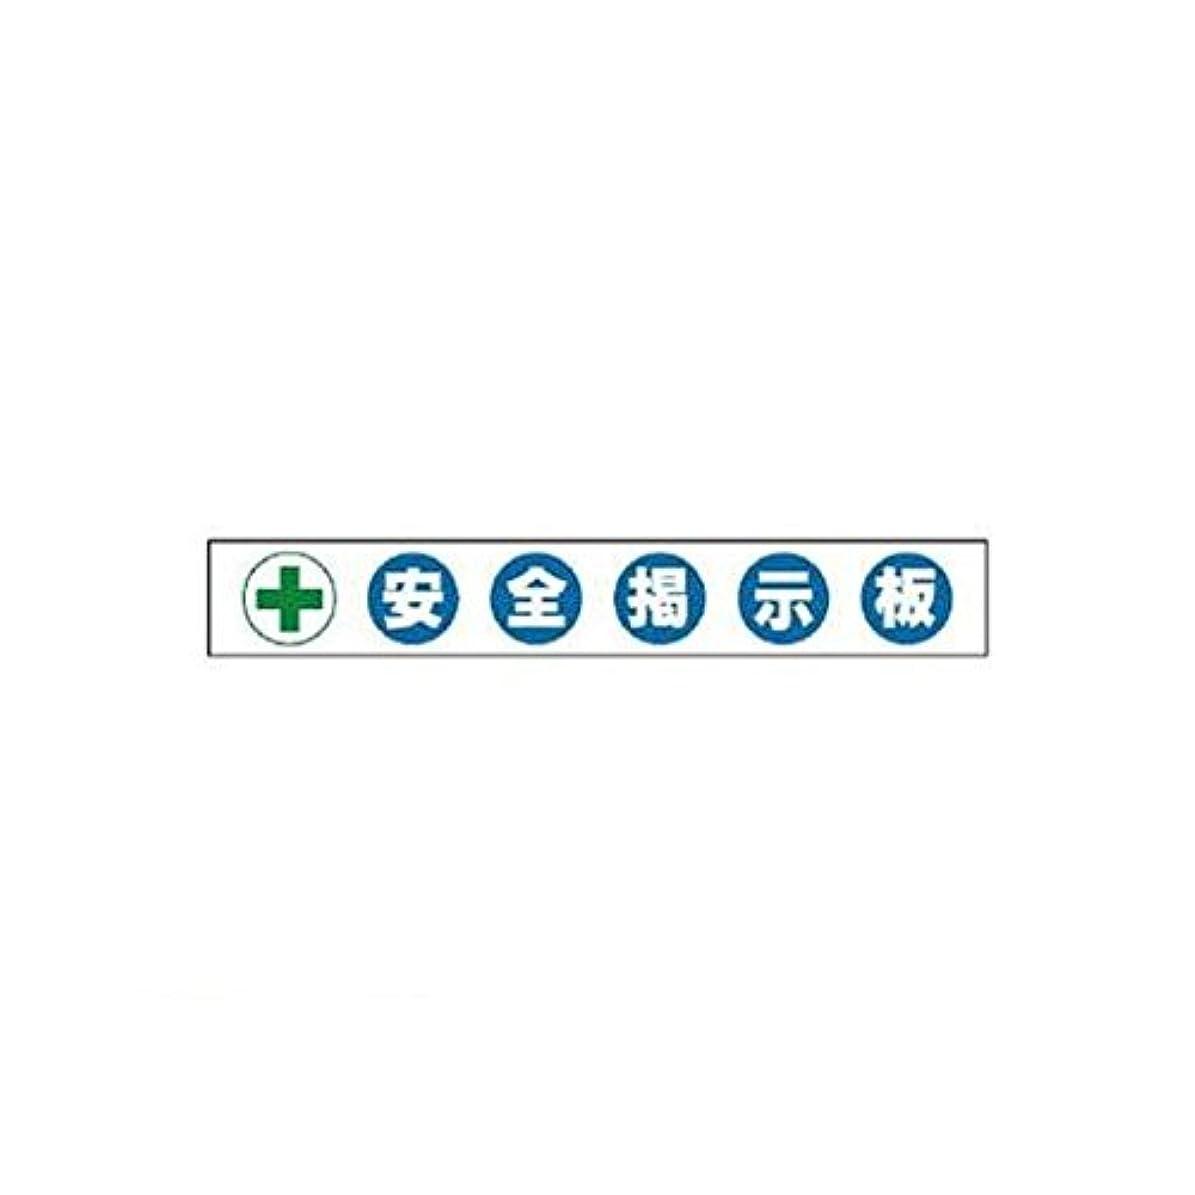 なるキャップ警官FN60846 安全掲示板組合せ型部品【A】 緑十字安全掲示板 120×800